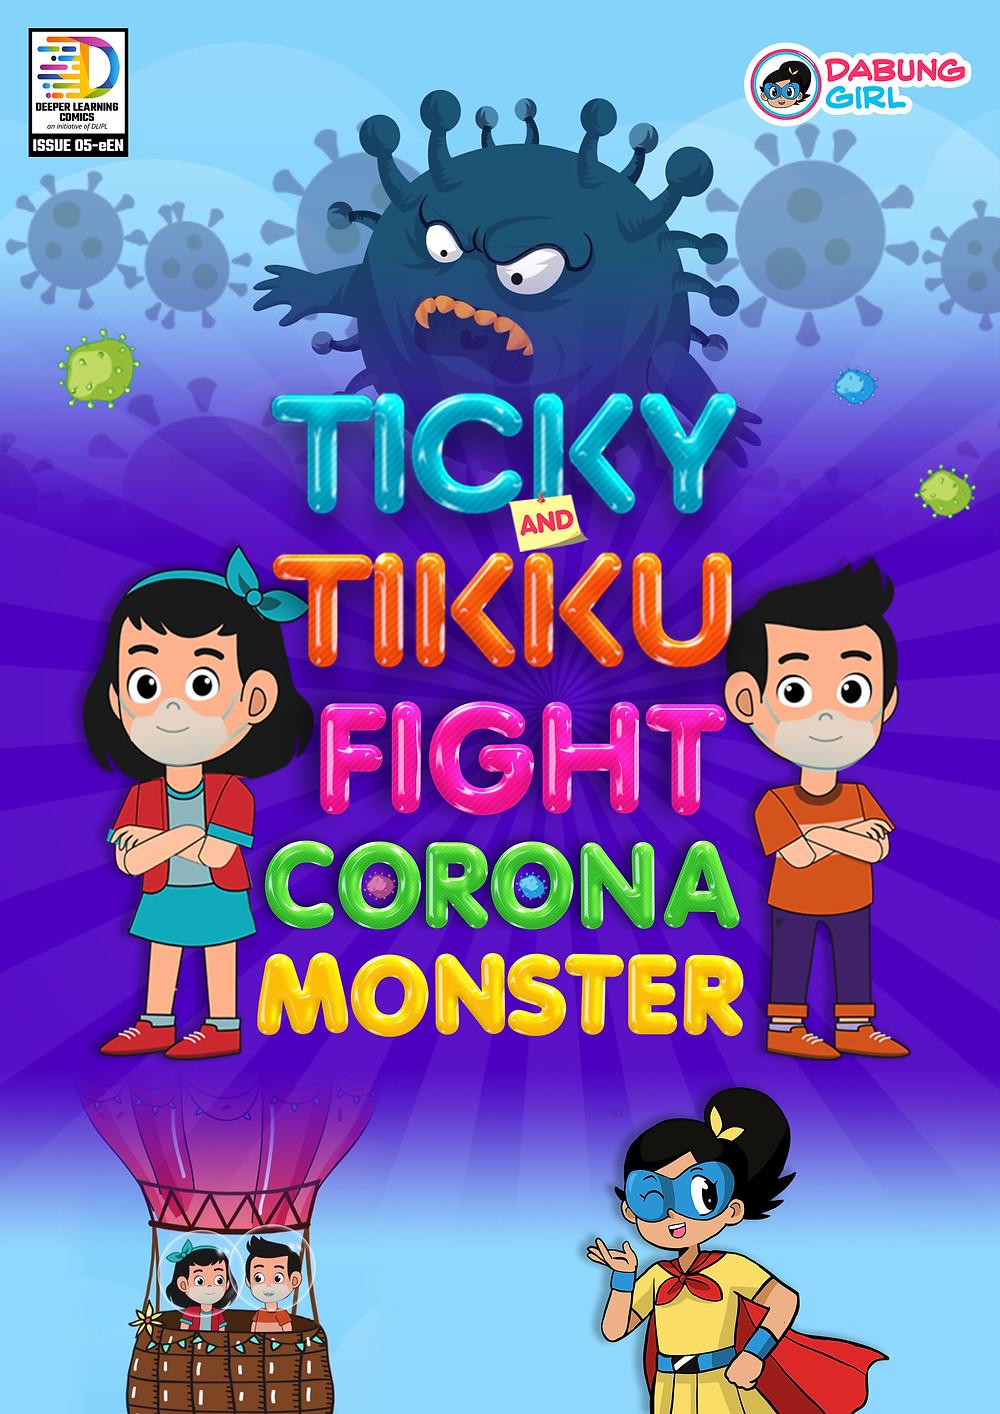 Ticky Tikku Fight Corona Monster